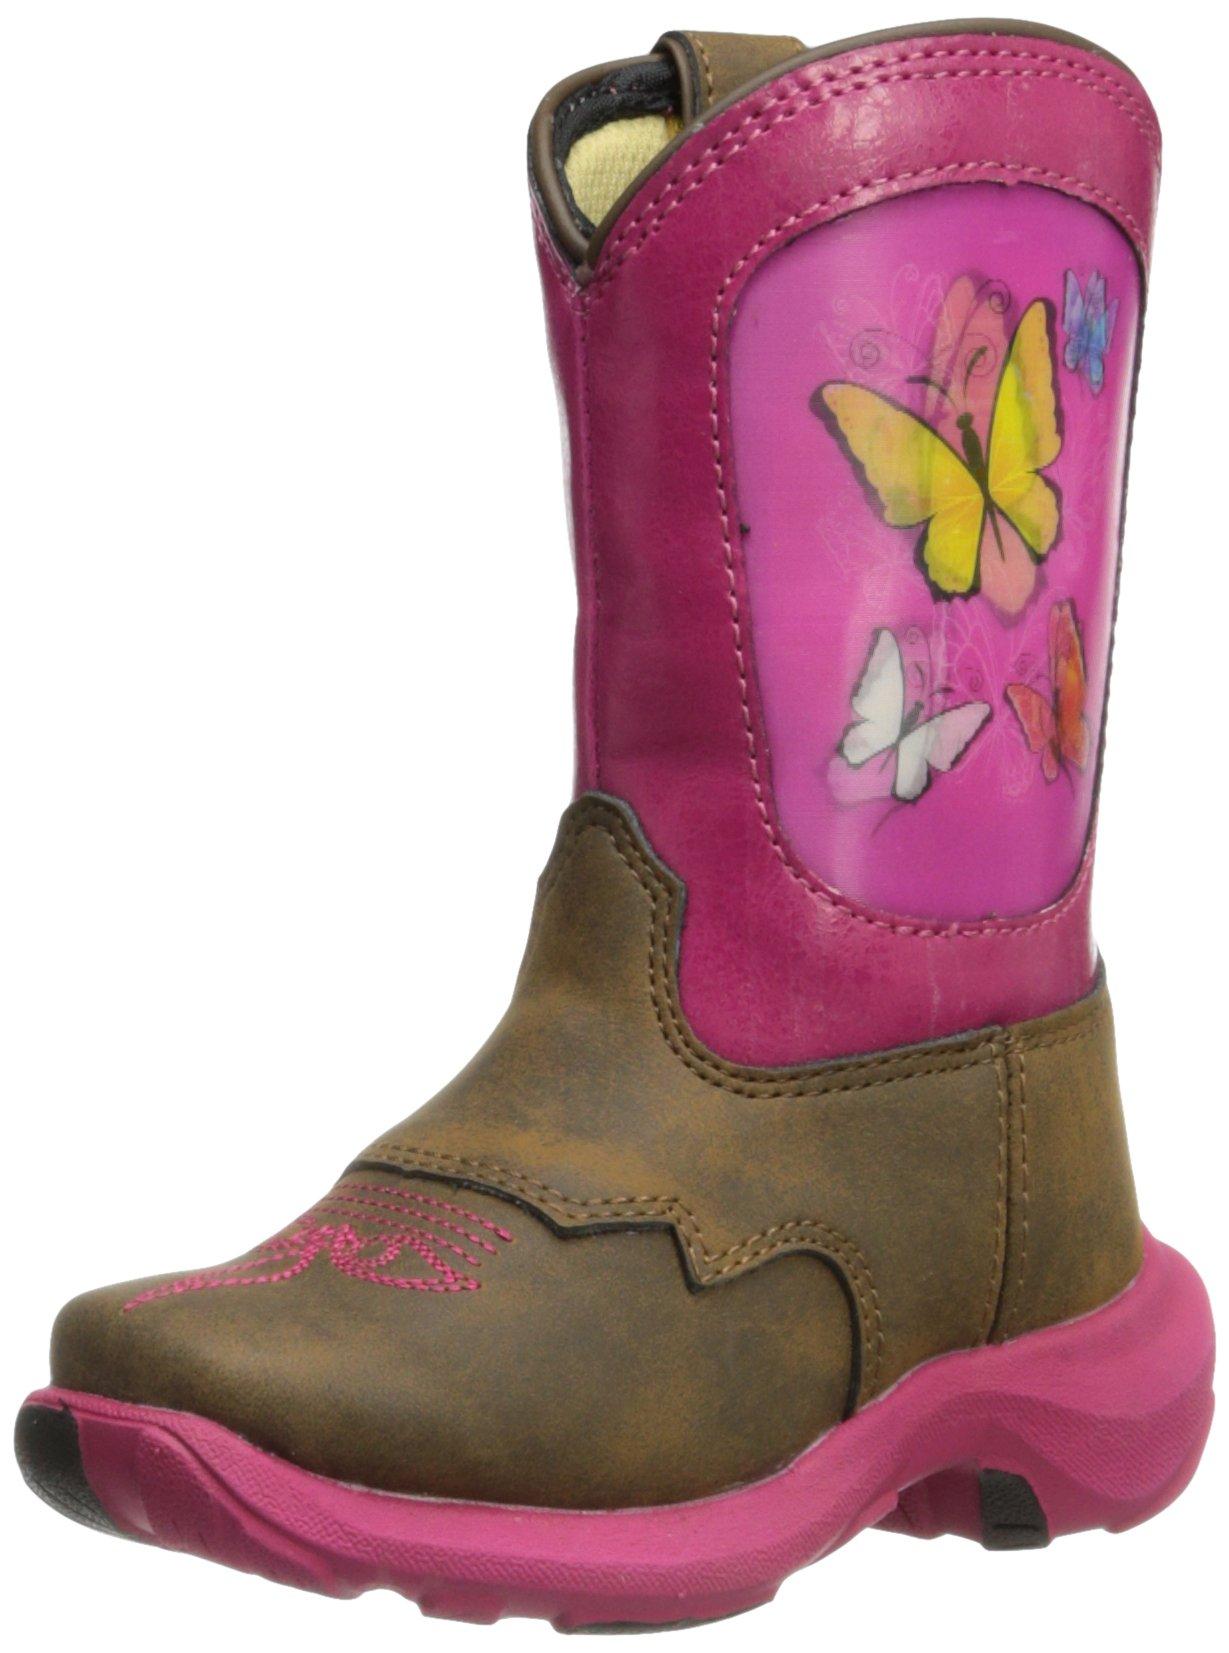 Durango Kids Baby Girl's Lil 8'' Take Flight (Toddler) Light Brown/Hot Pink Boot 6 Toddler M